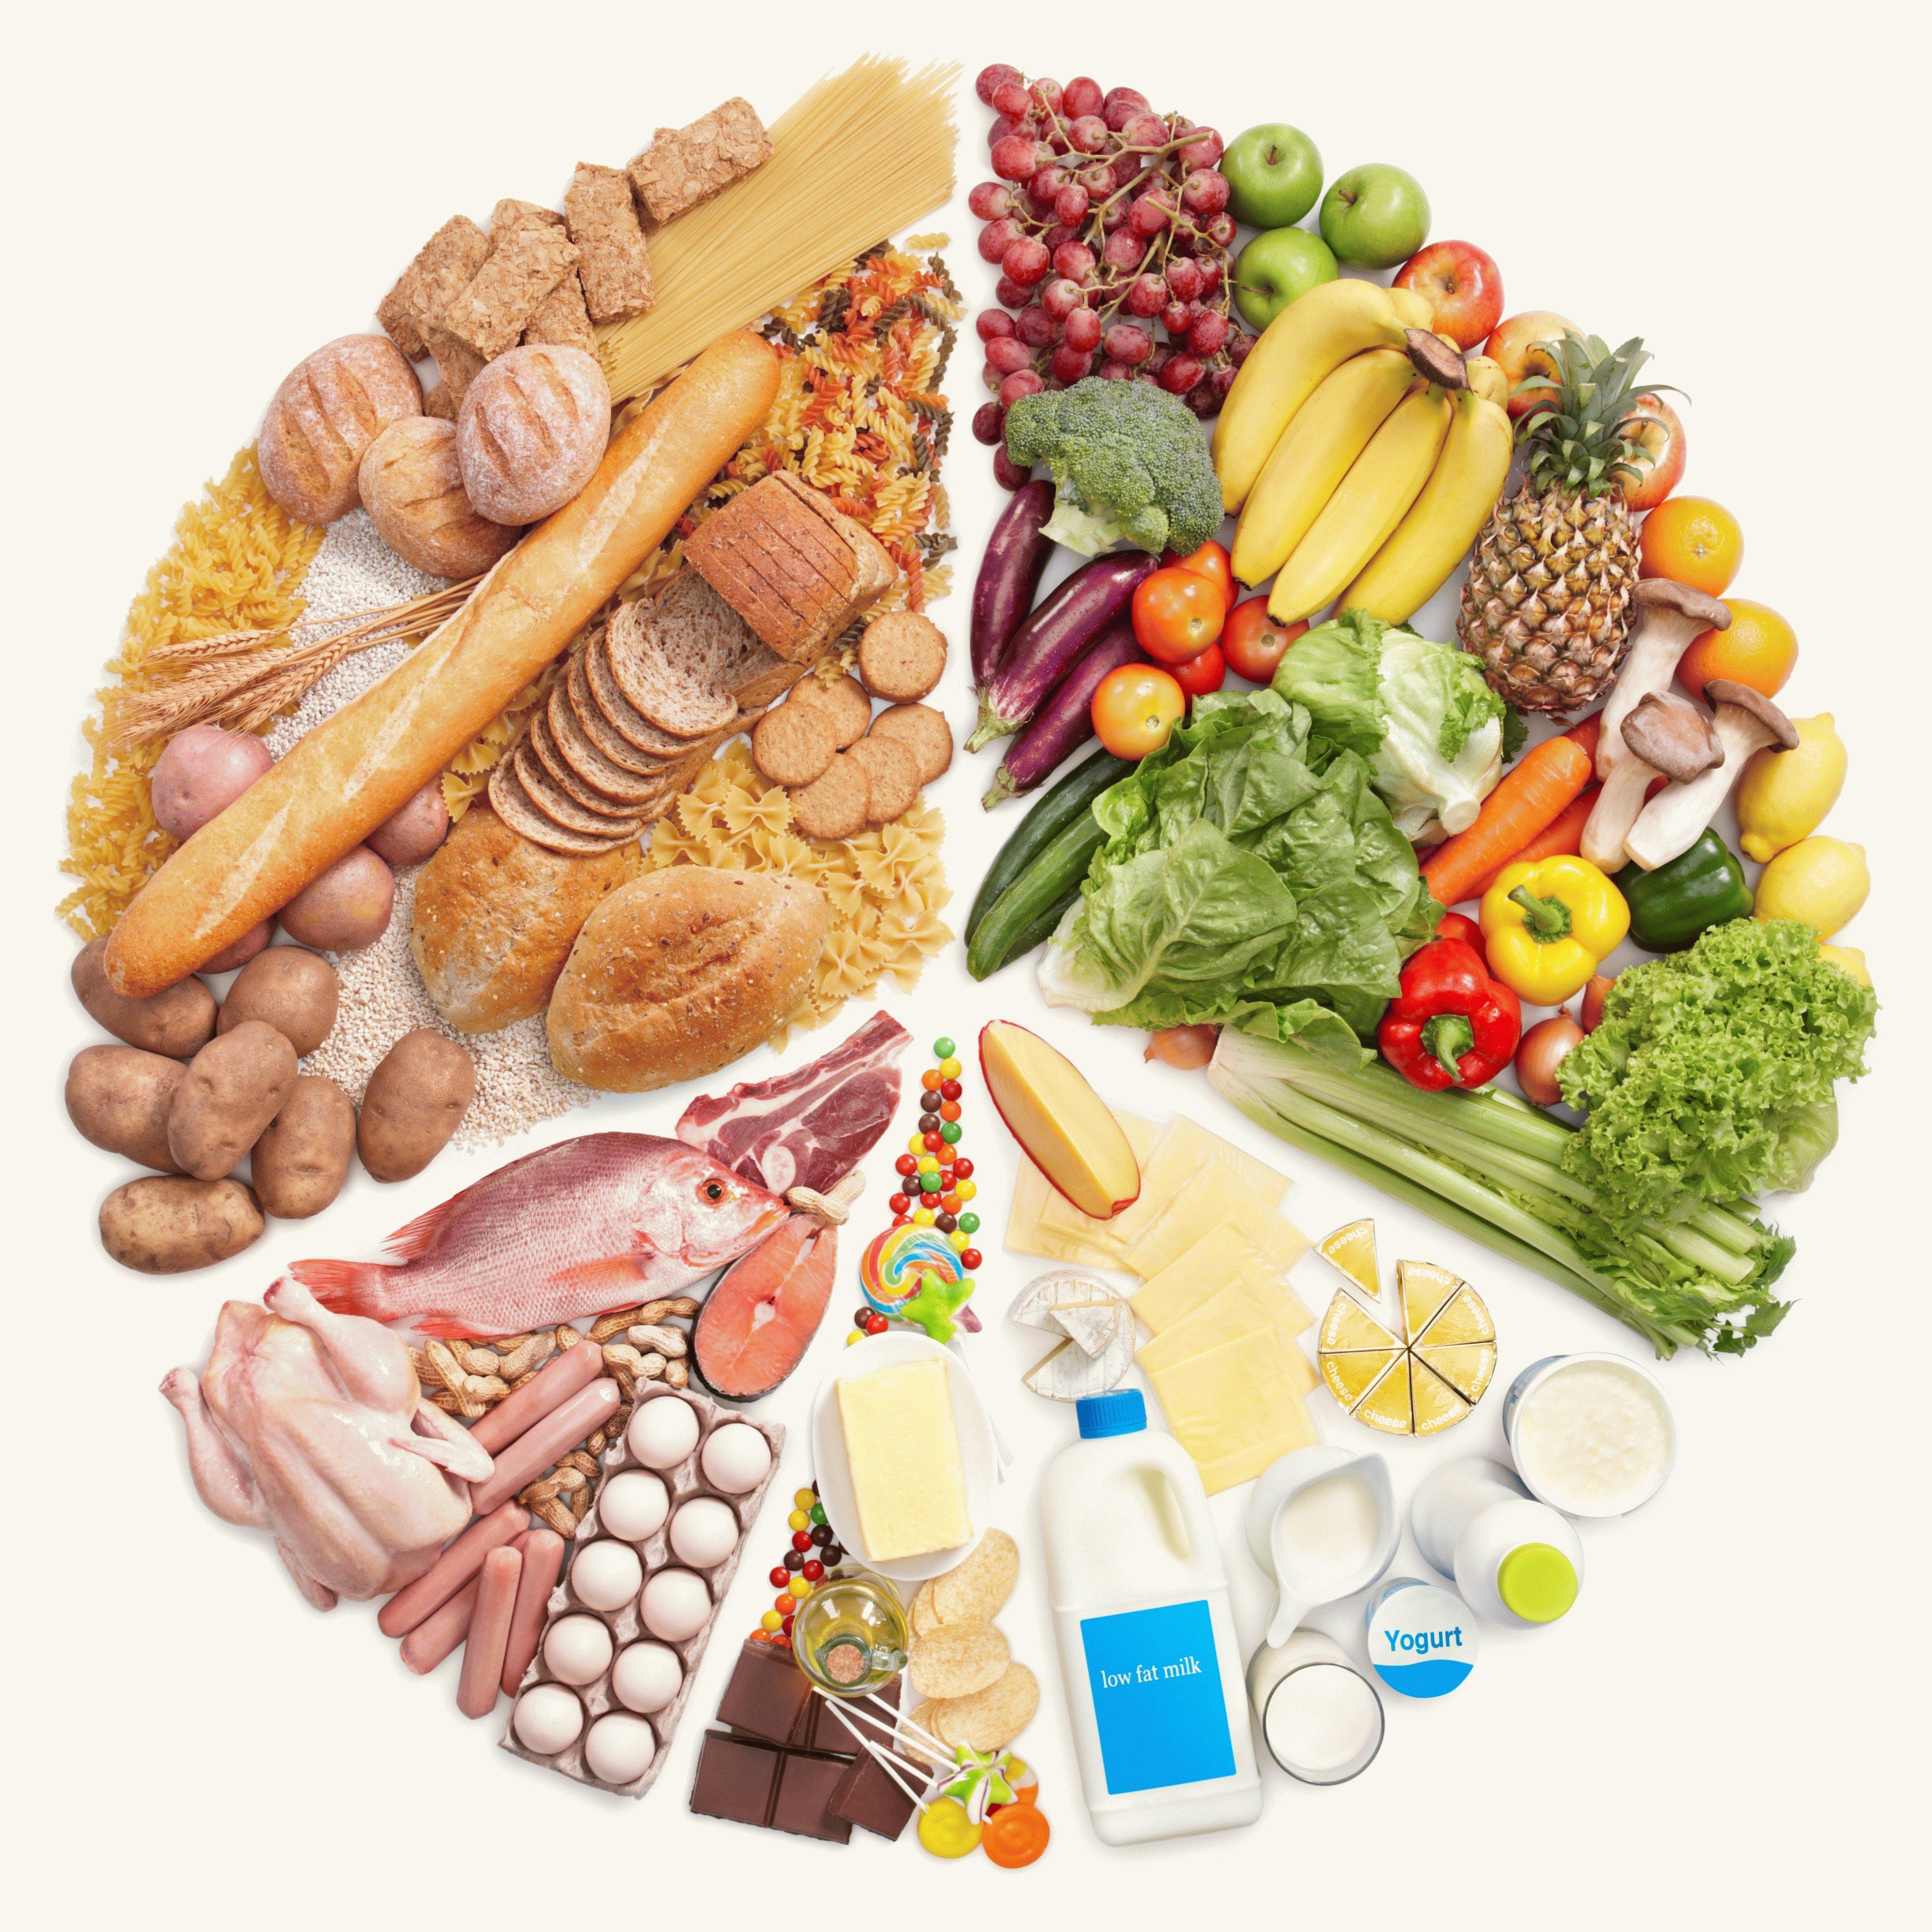 Cần cung cấp đủ 4 nhóm chất dinh dưỡng cho trẻ